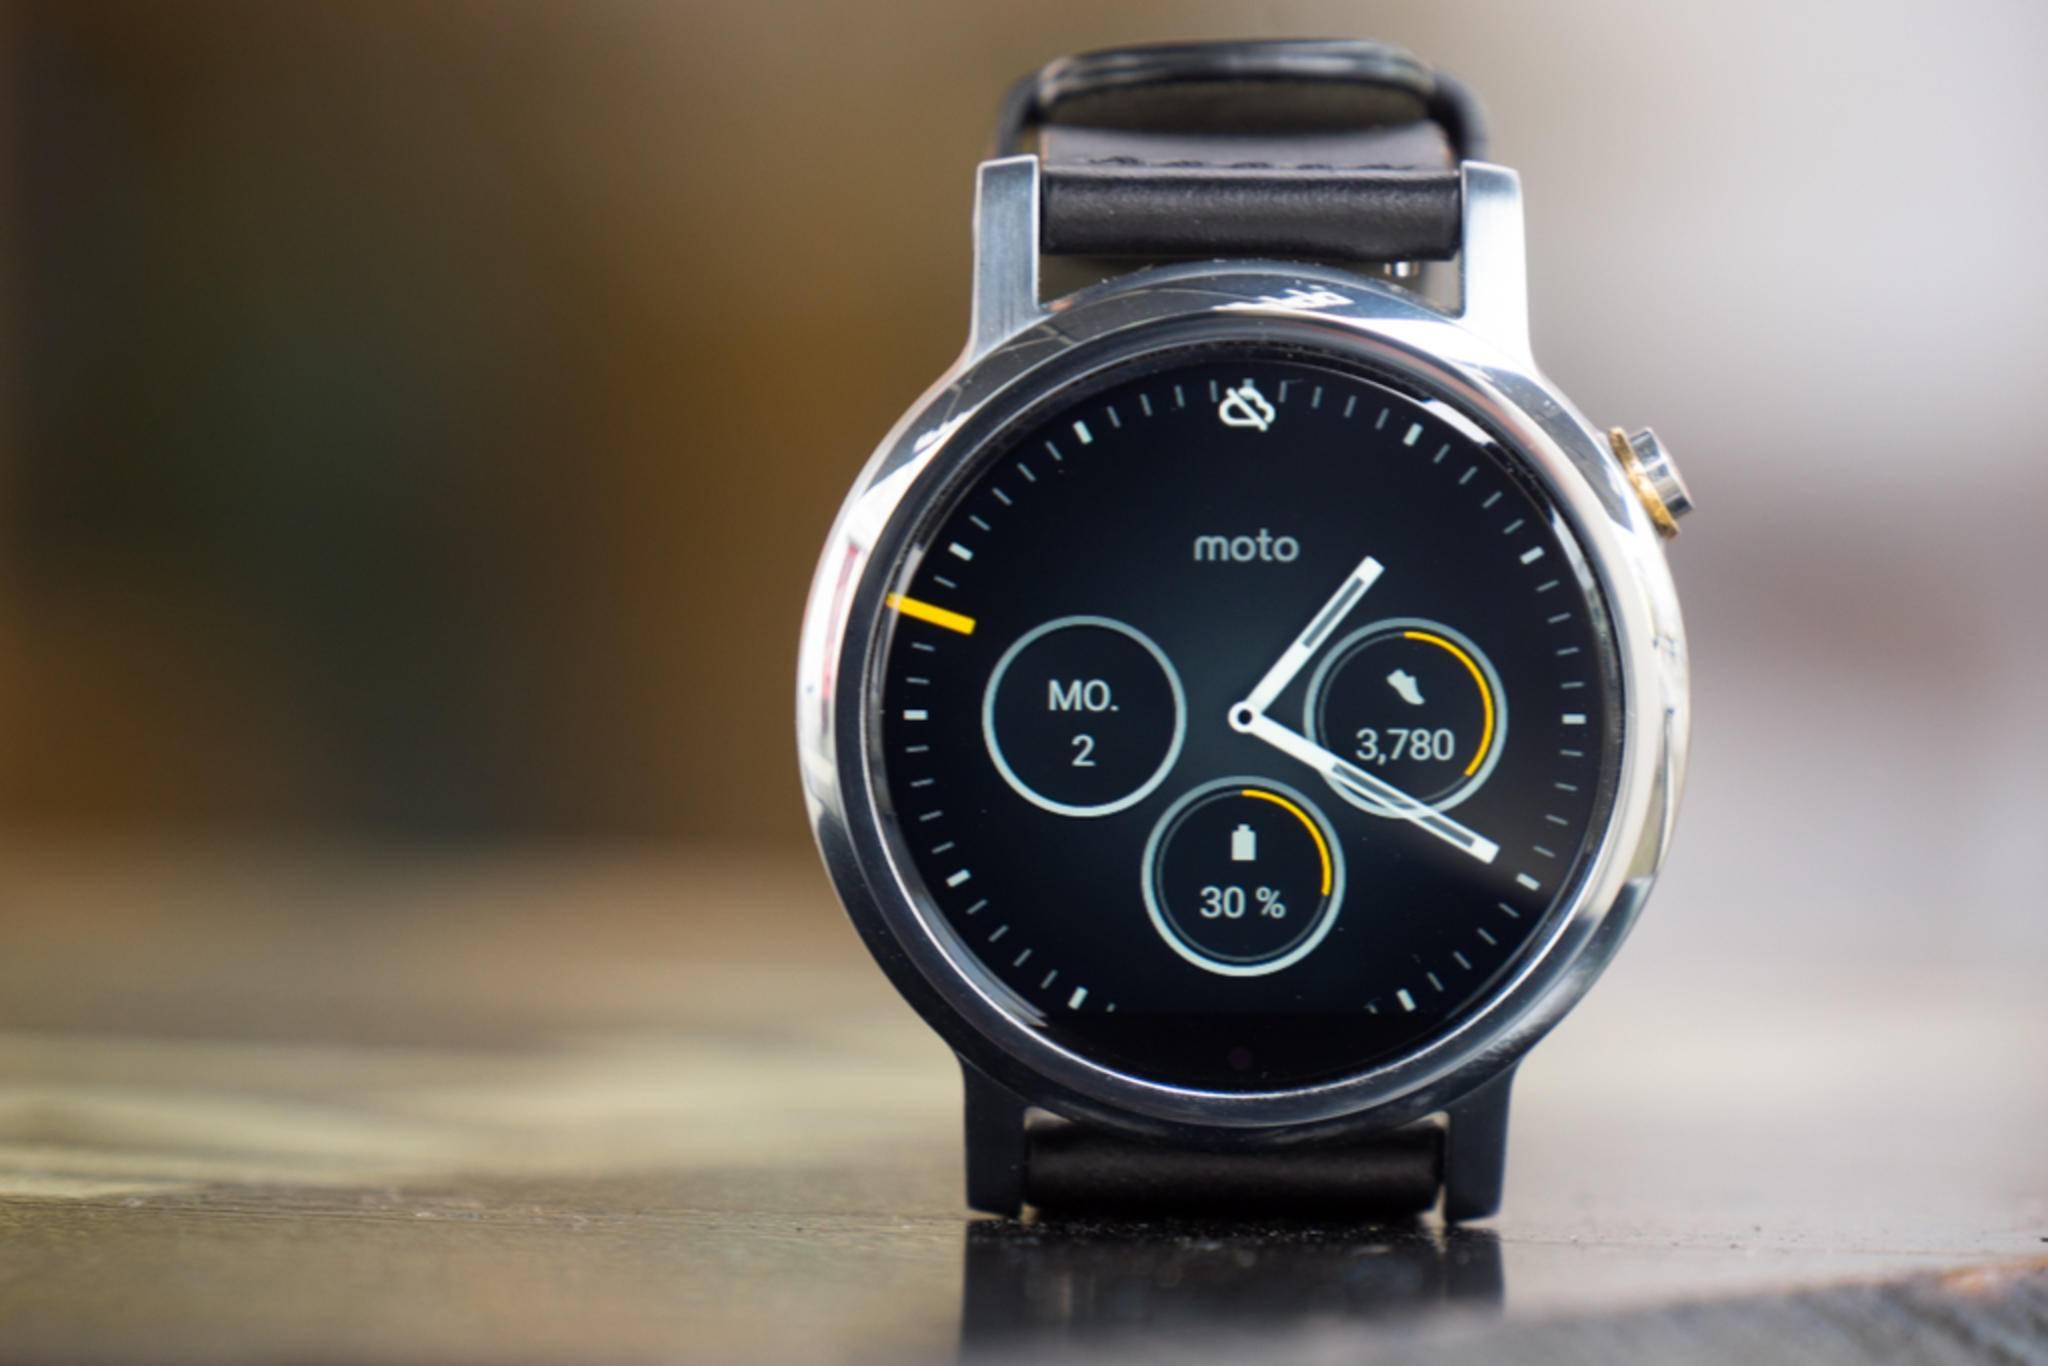 Am meisten Auswahl bietet Motorola bei der Moto 360 mit dem Moto Maker.